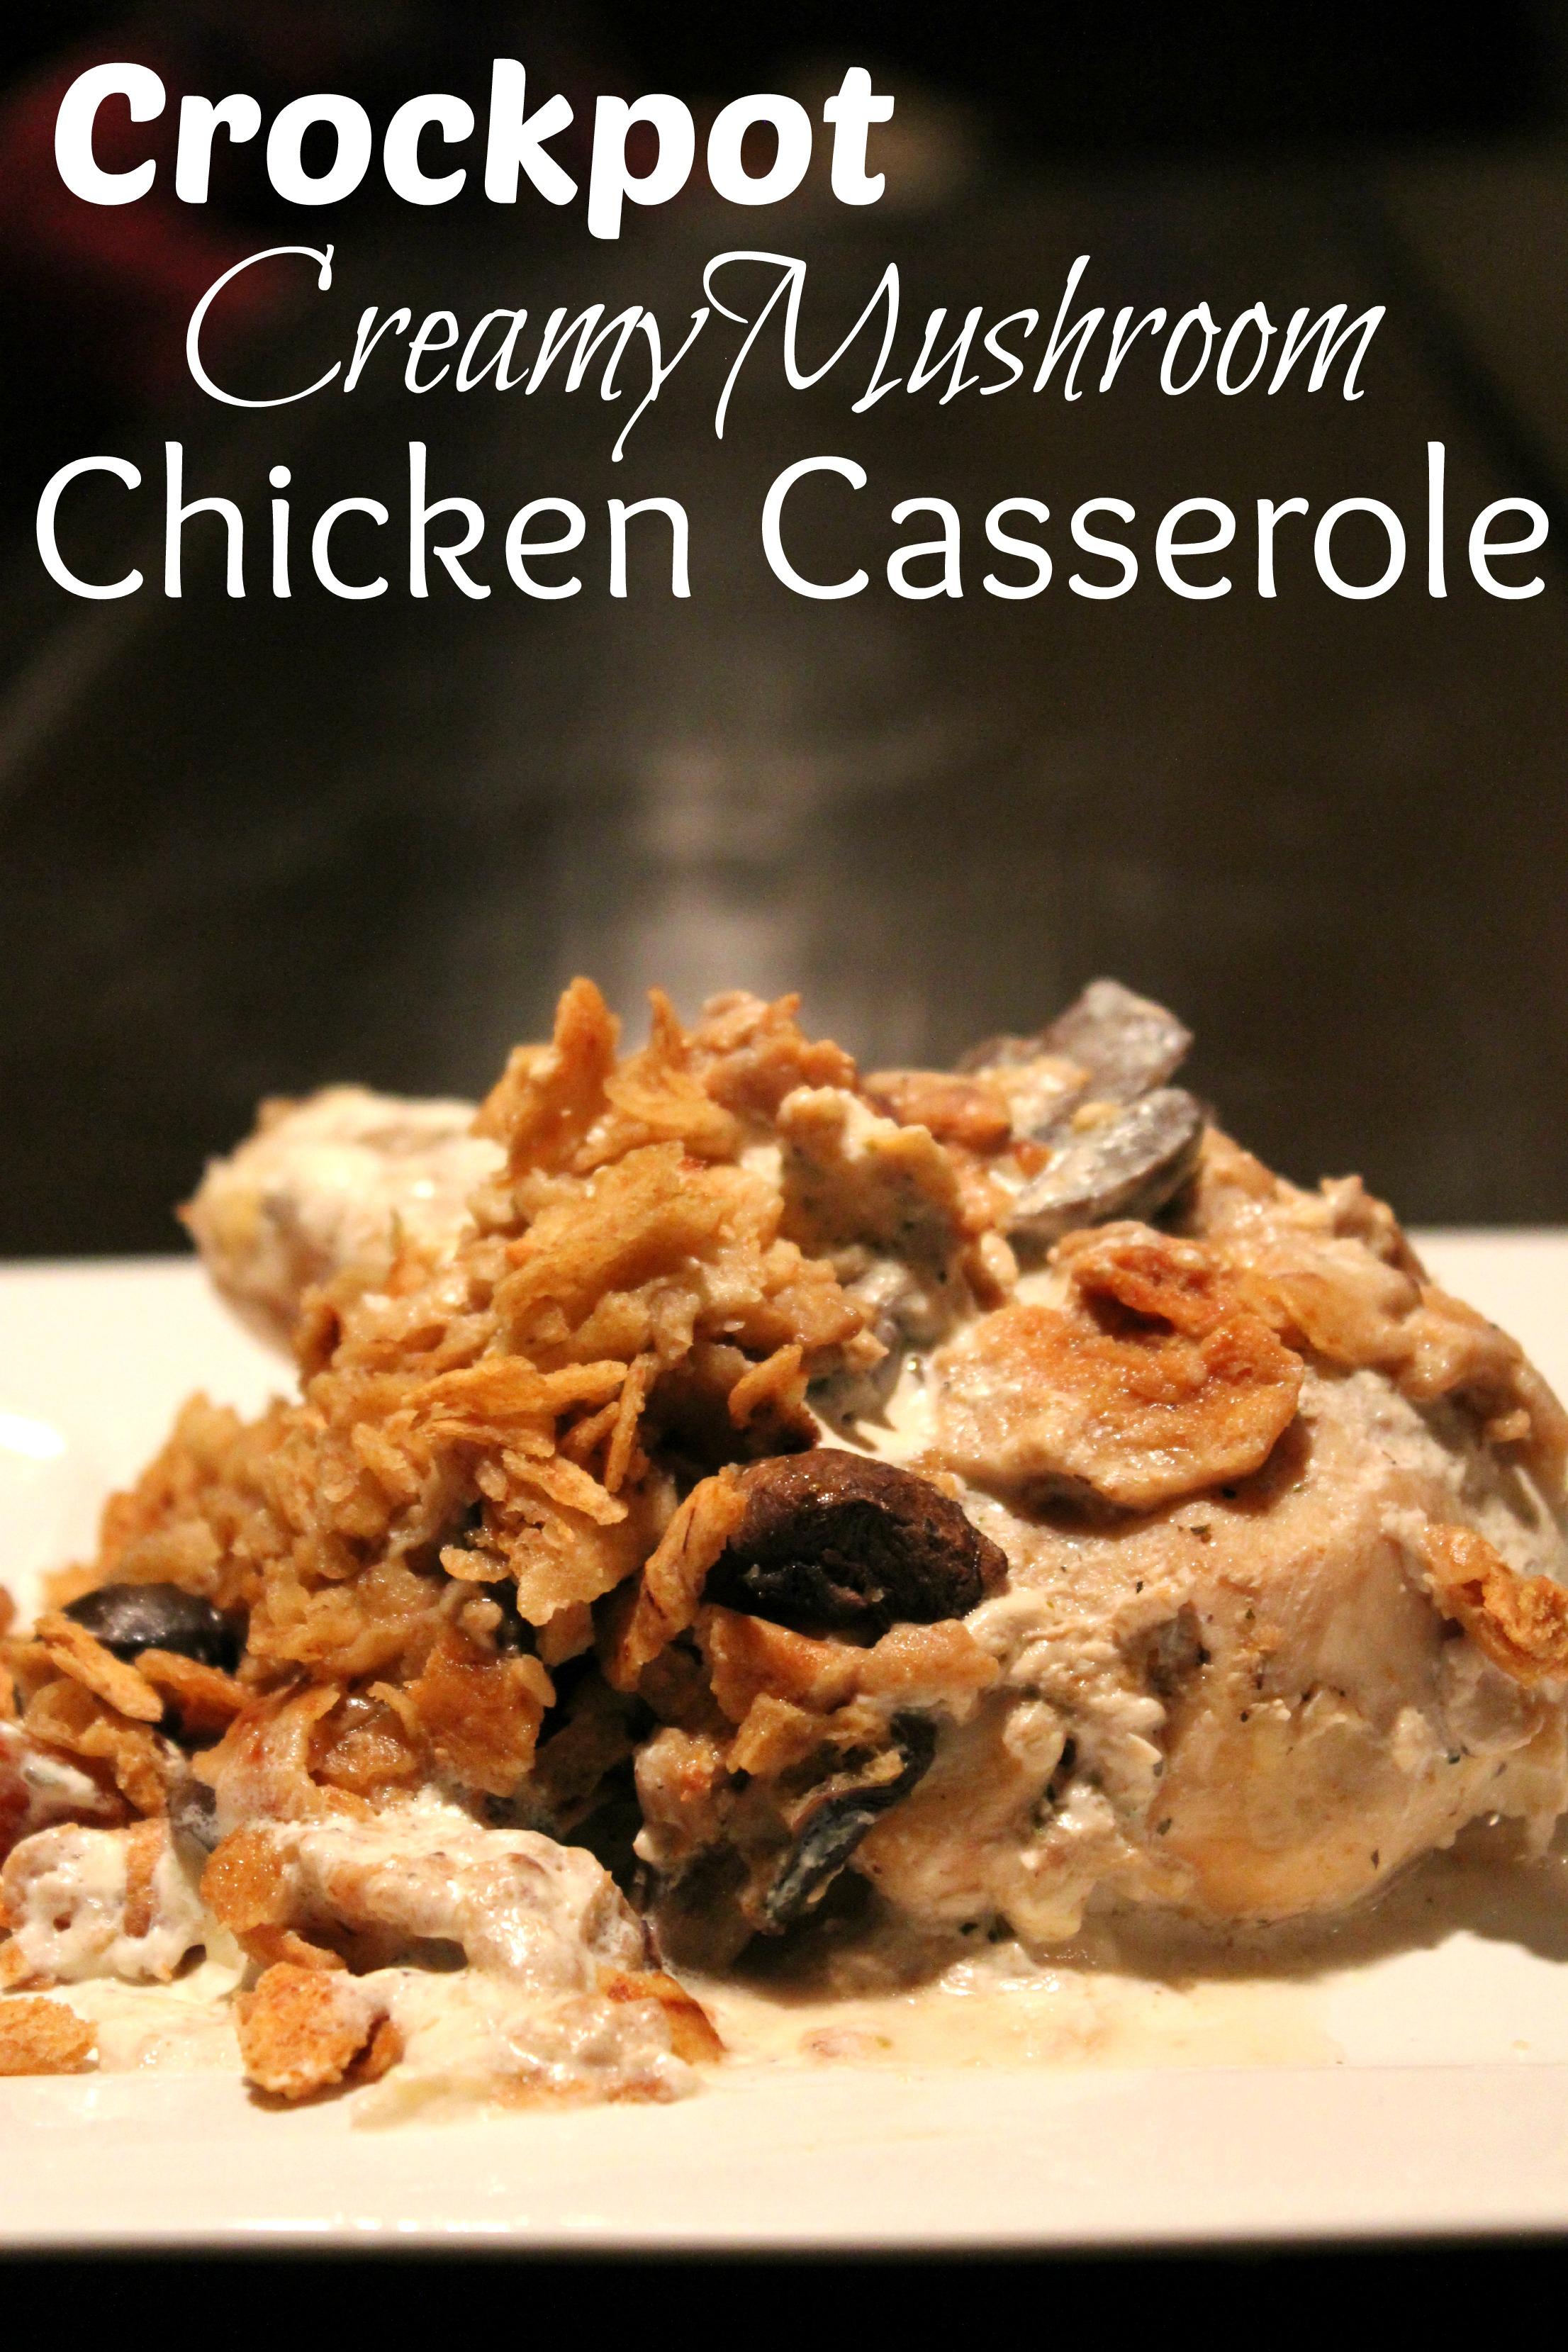 crockpot creamy mushroom chicken casserole